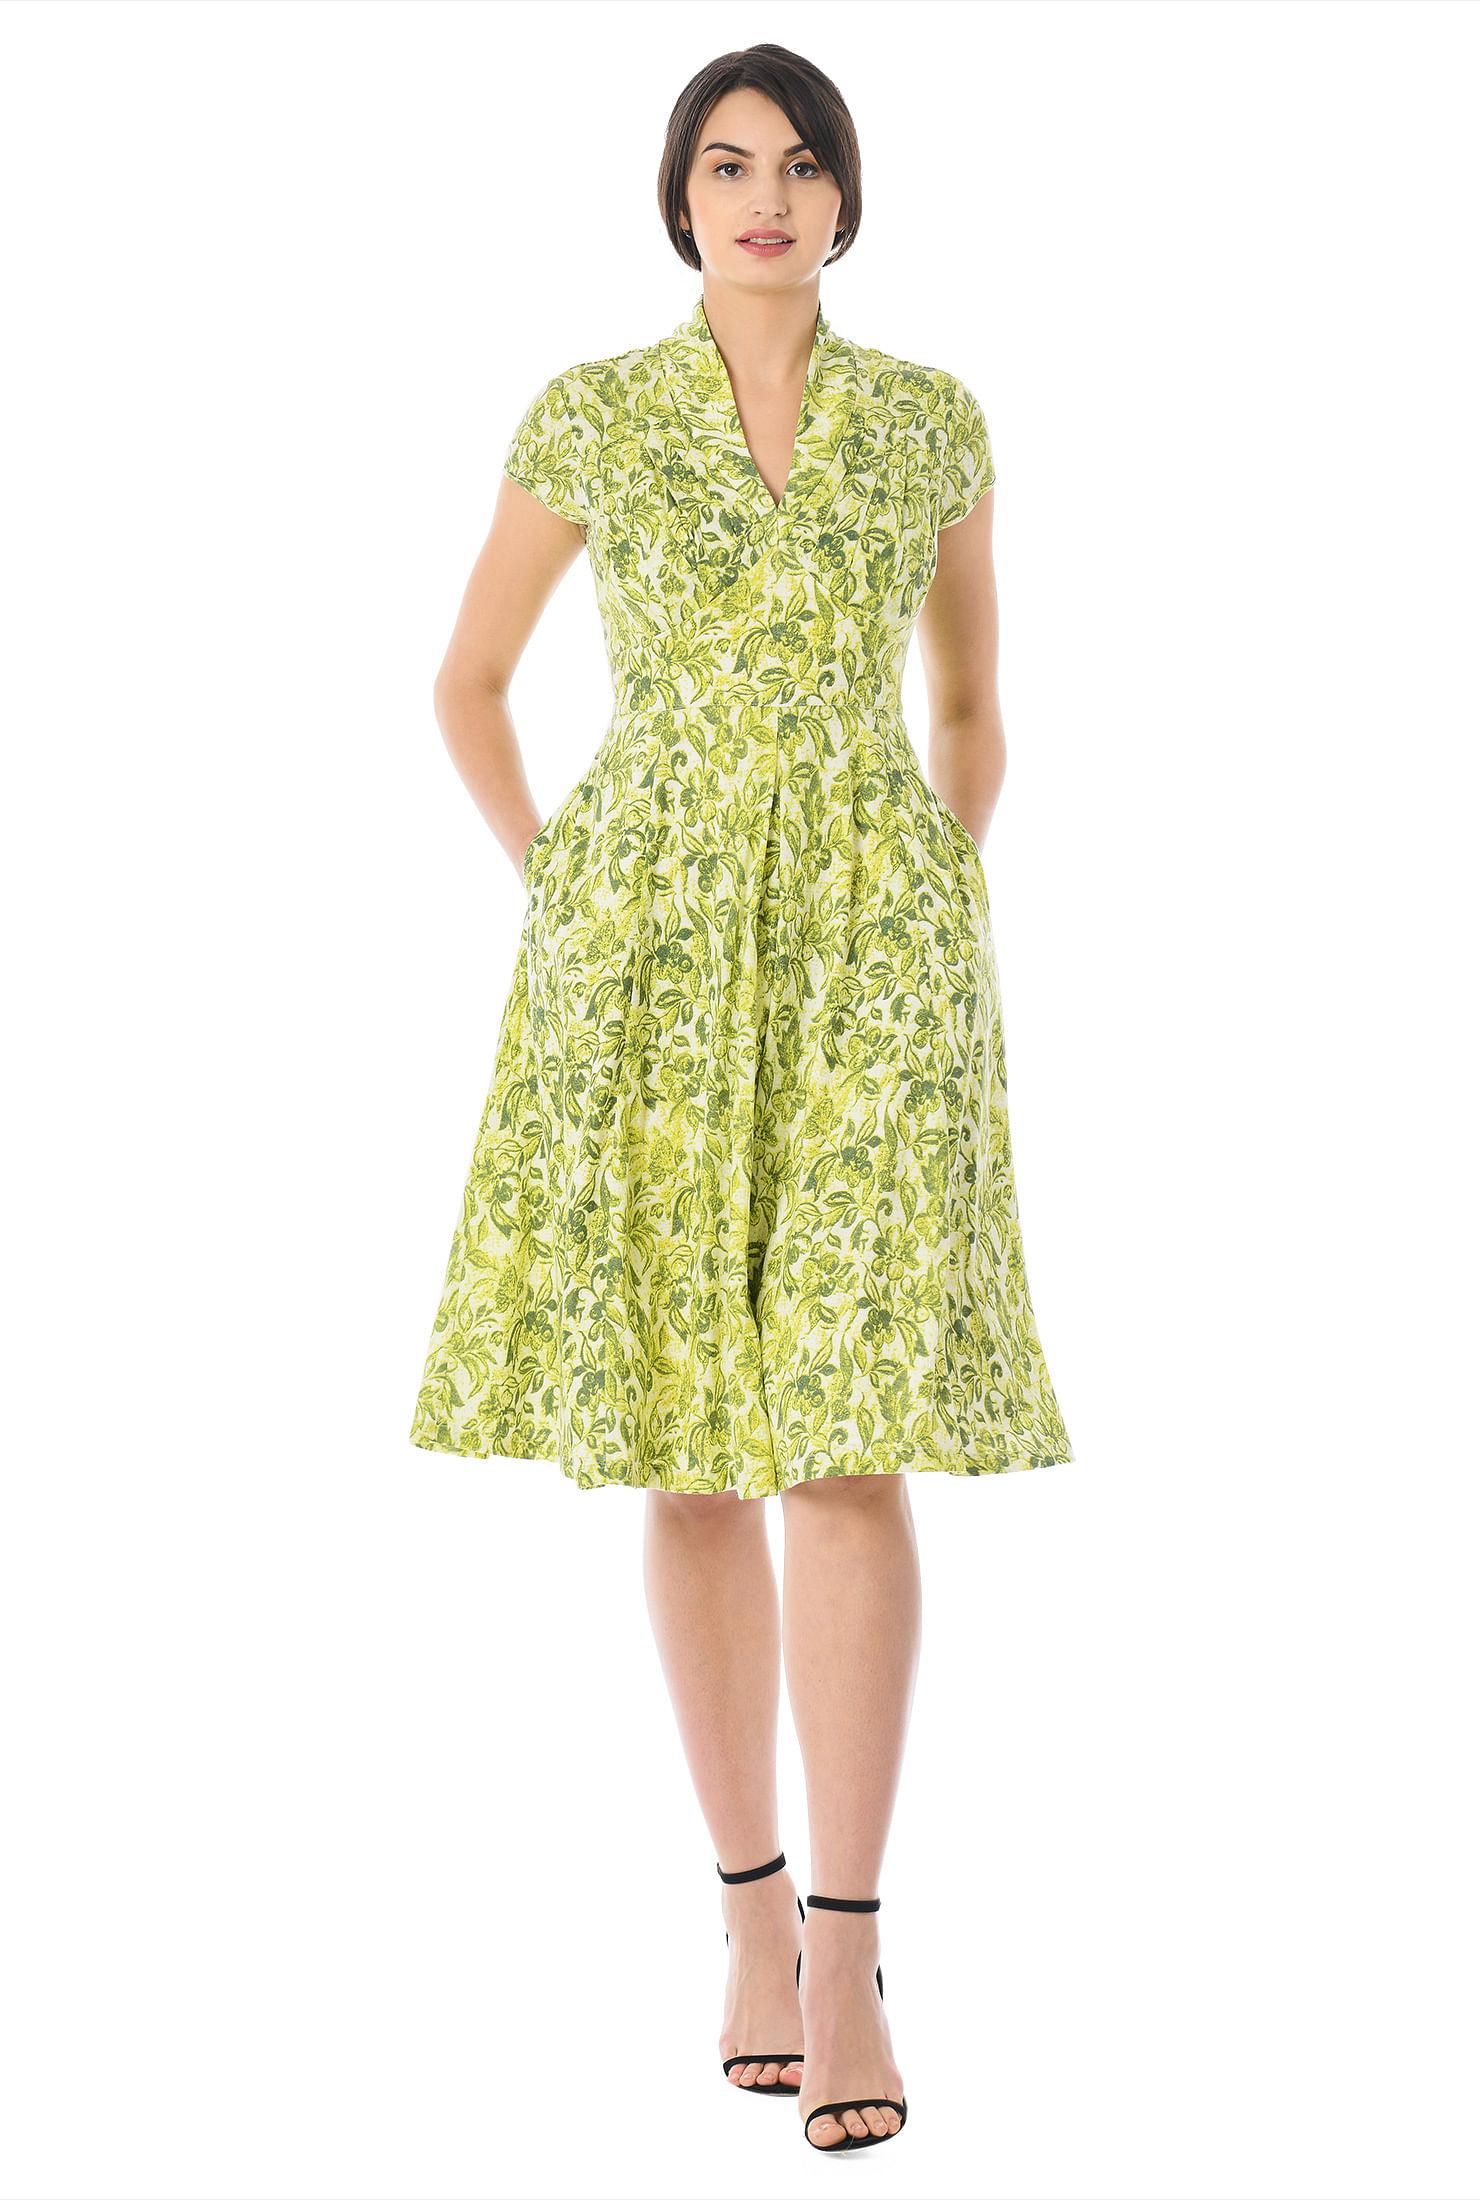 e1fa94614 below knee length dresses, cap sleeve dresses, cotton dresses, empire waist  dresses